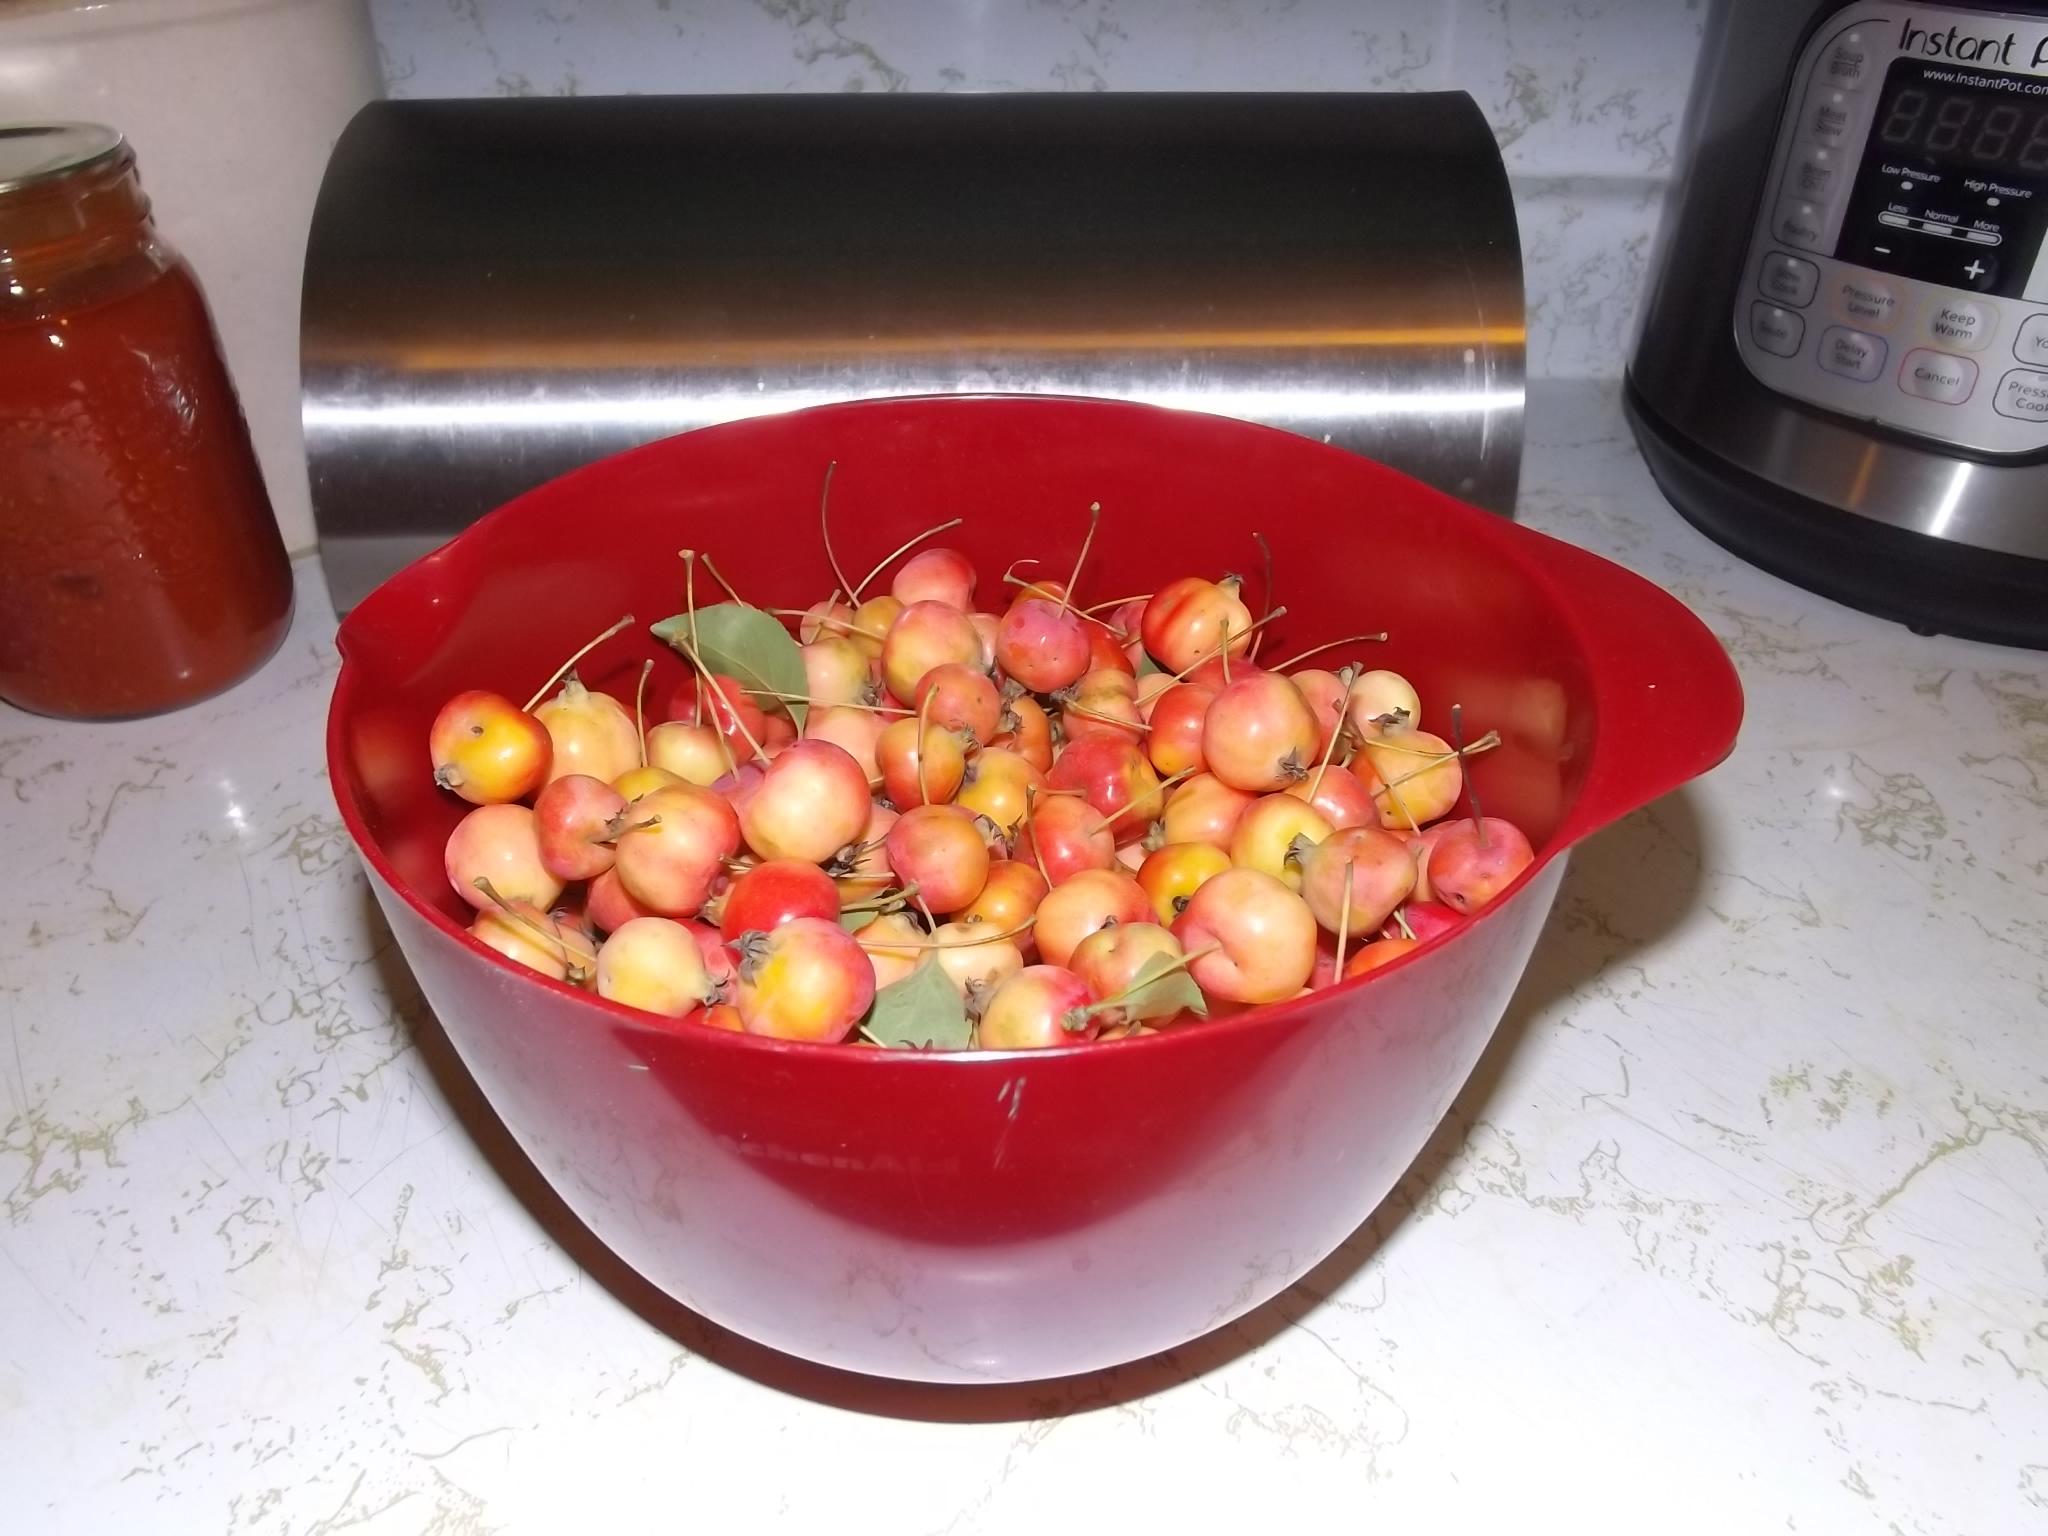 a bowl of crabapples